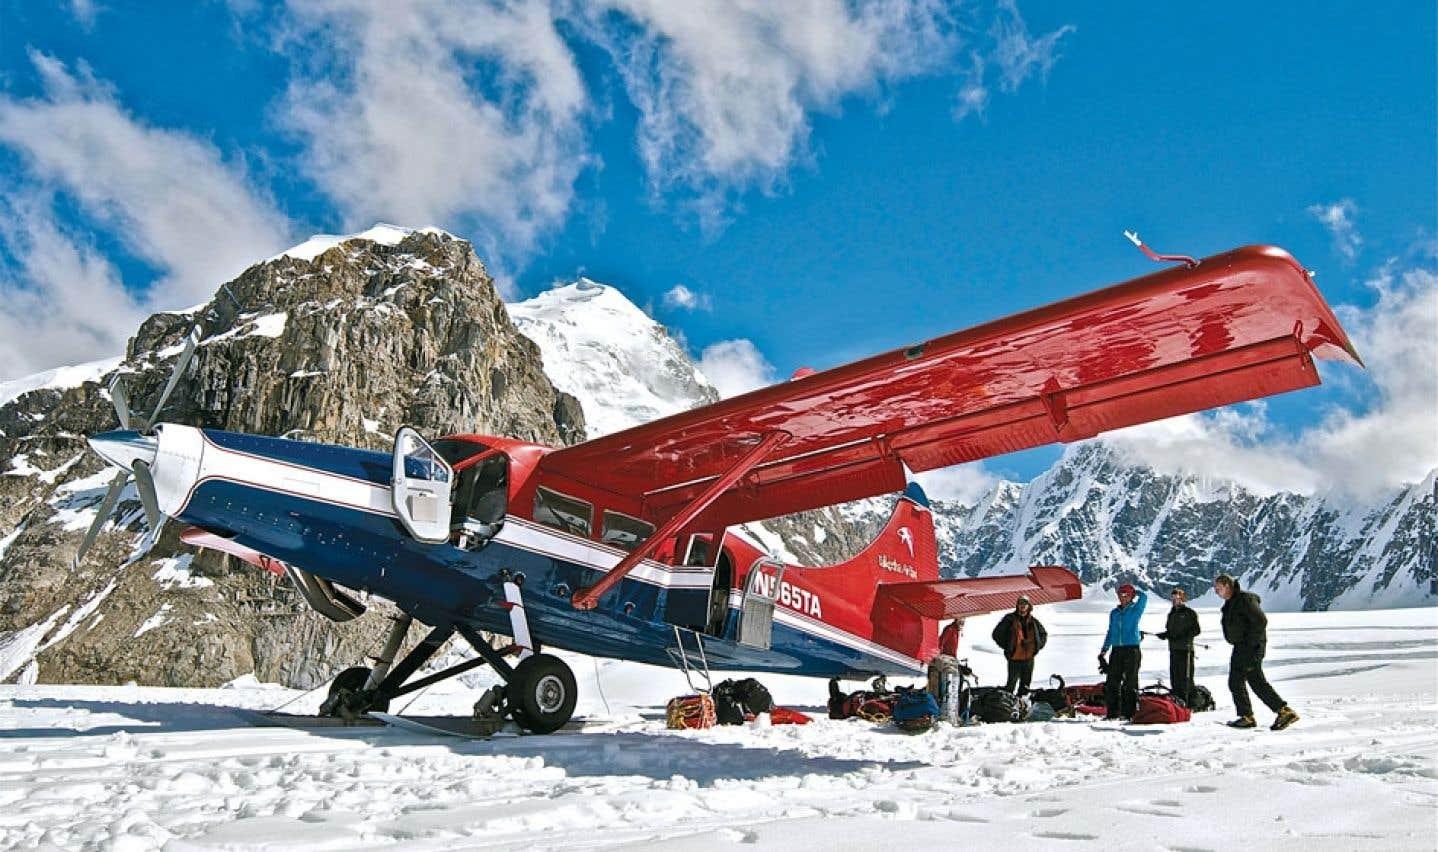 Une autre pièce maîtresse de la programmation d'Explora, cet hiver, est la série Les ailes de l'Alaska.